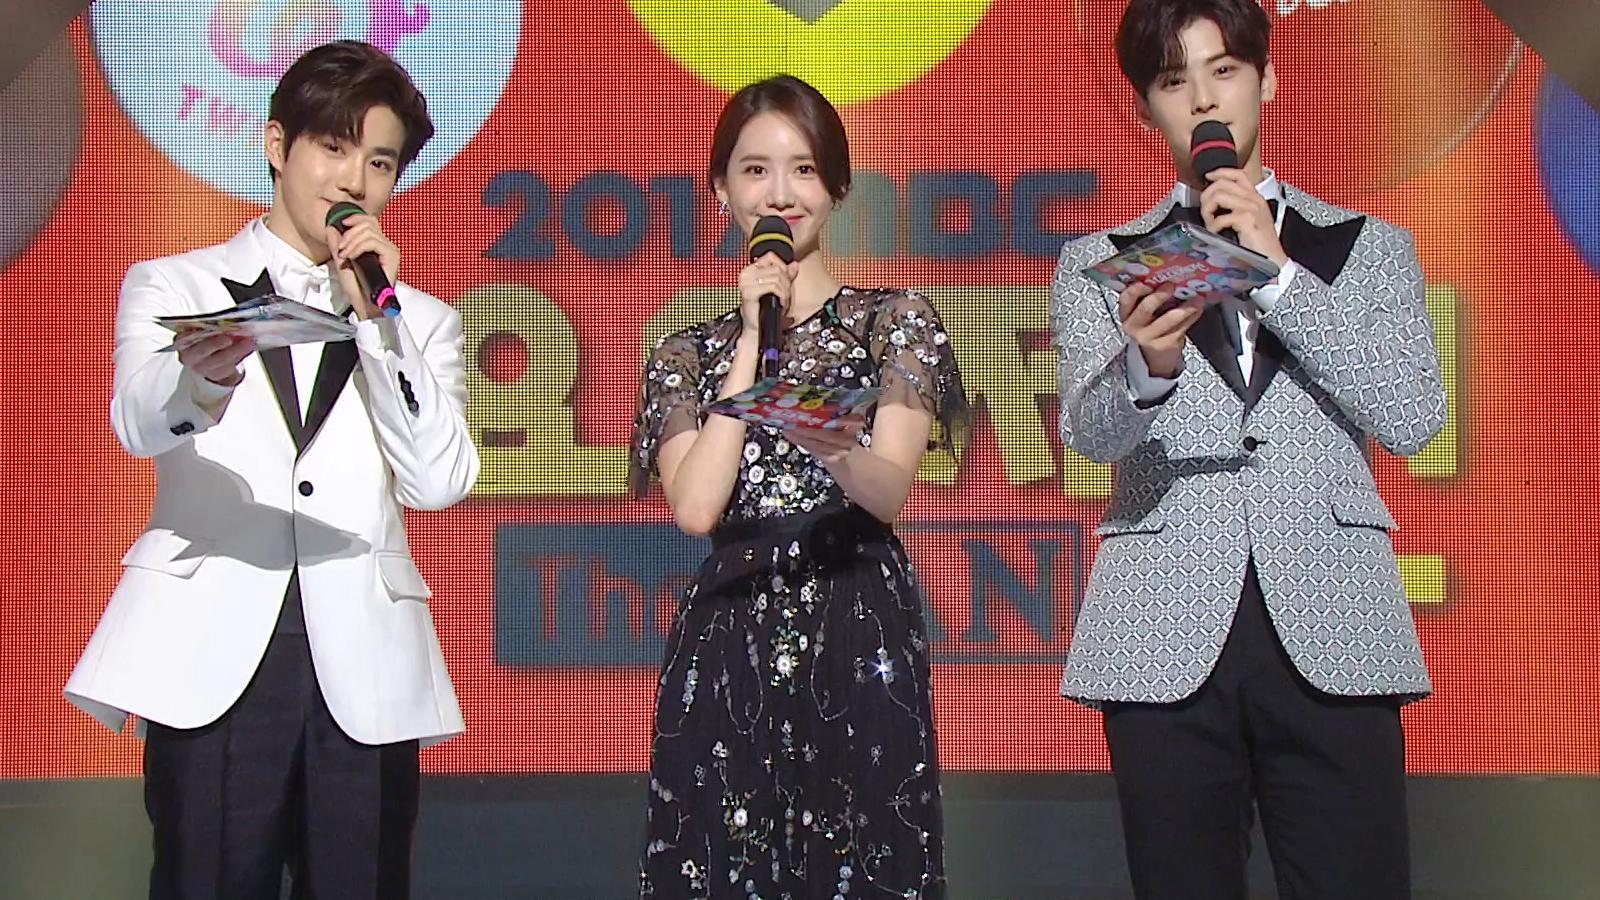 Festival de Música MBC 2017 Episódio 2